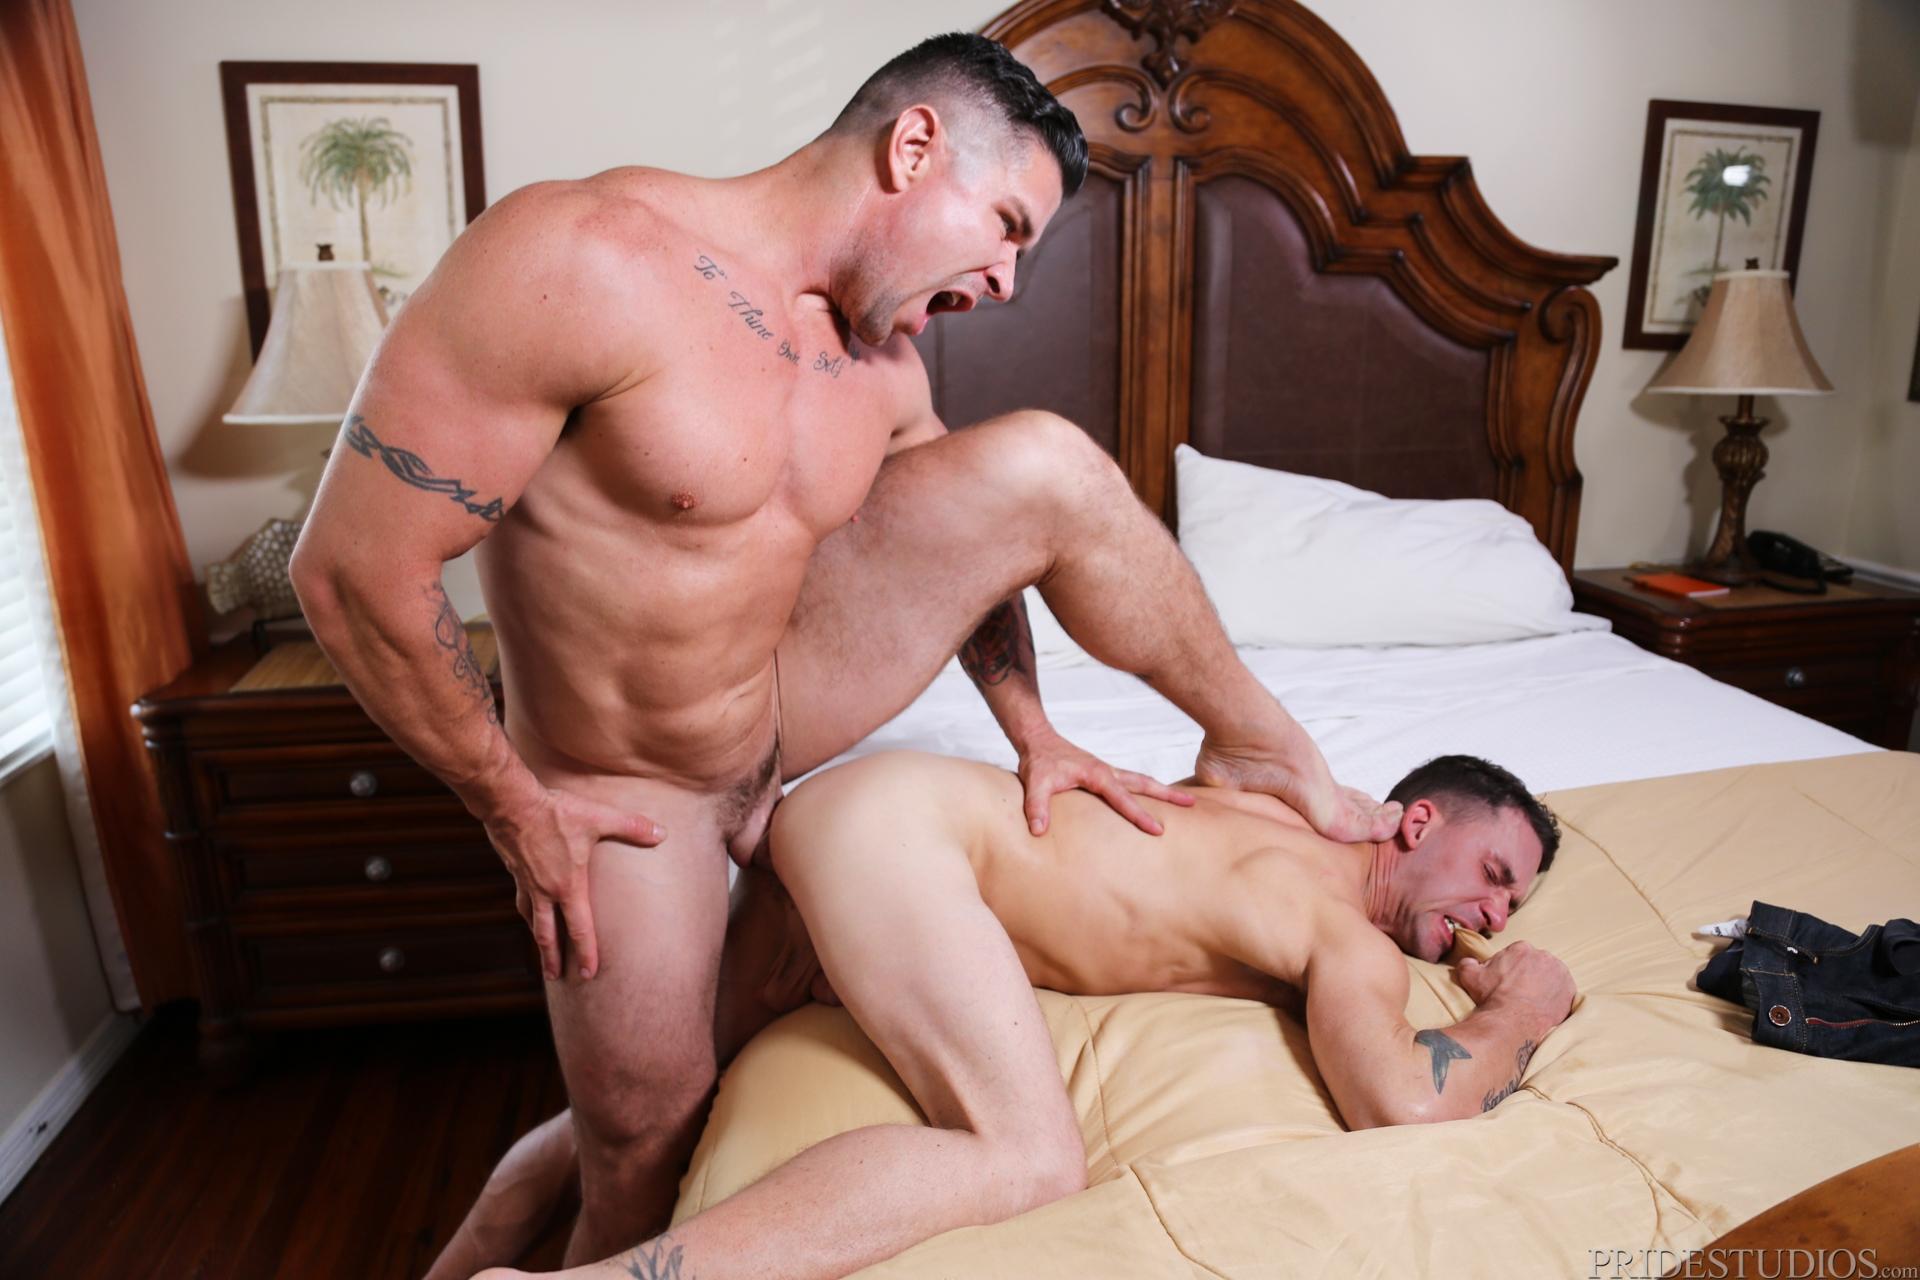 Сексвидео порно бесплатно лесби геи